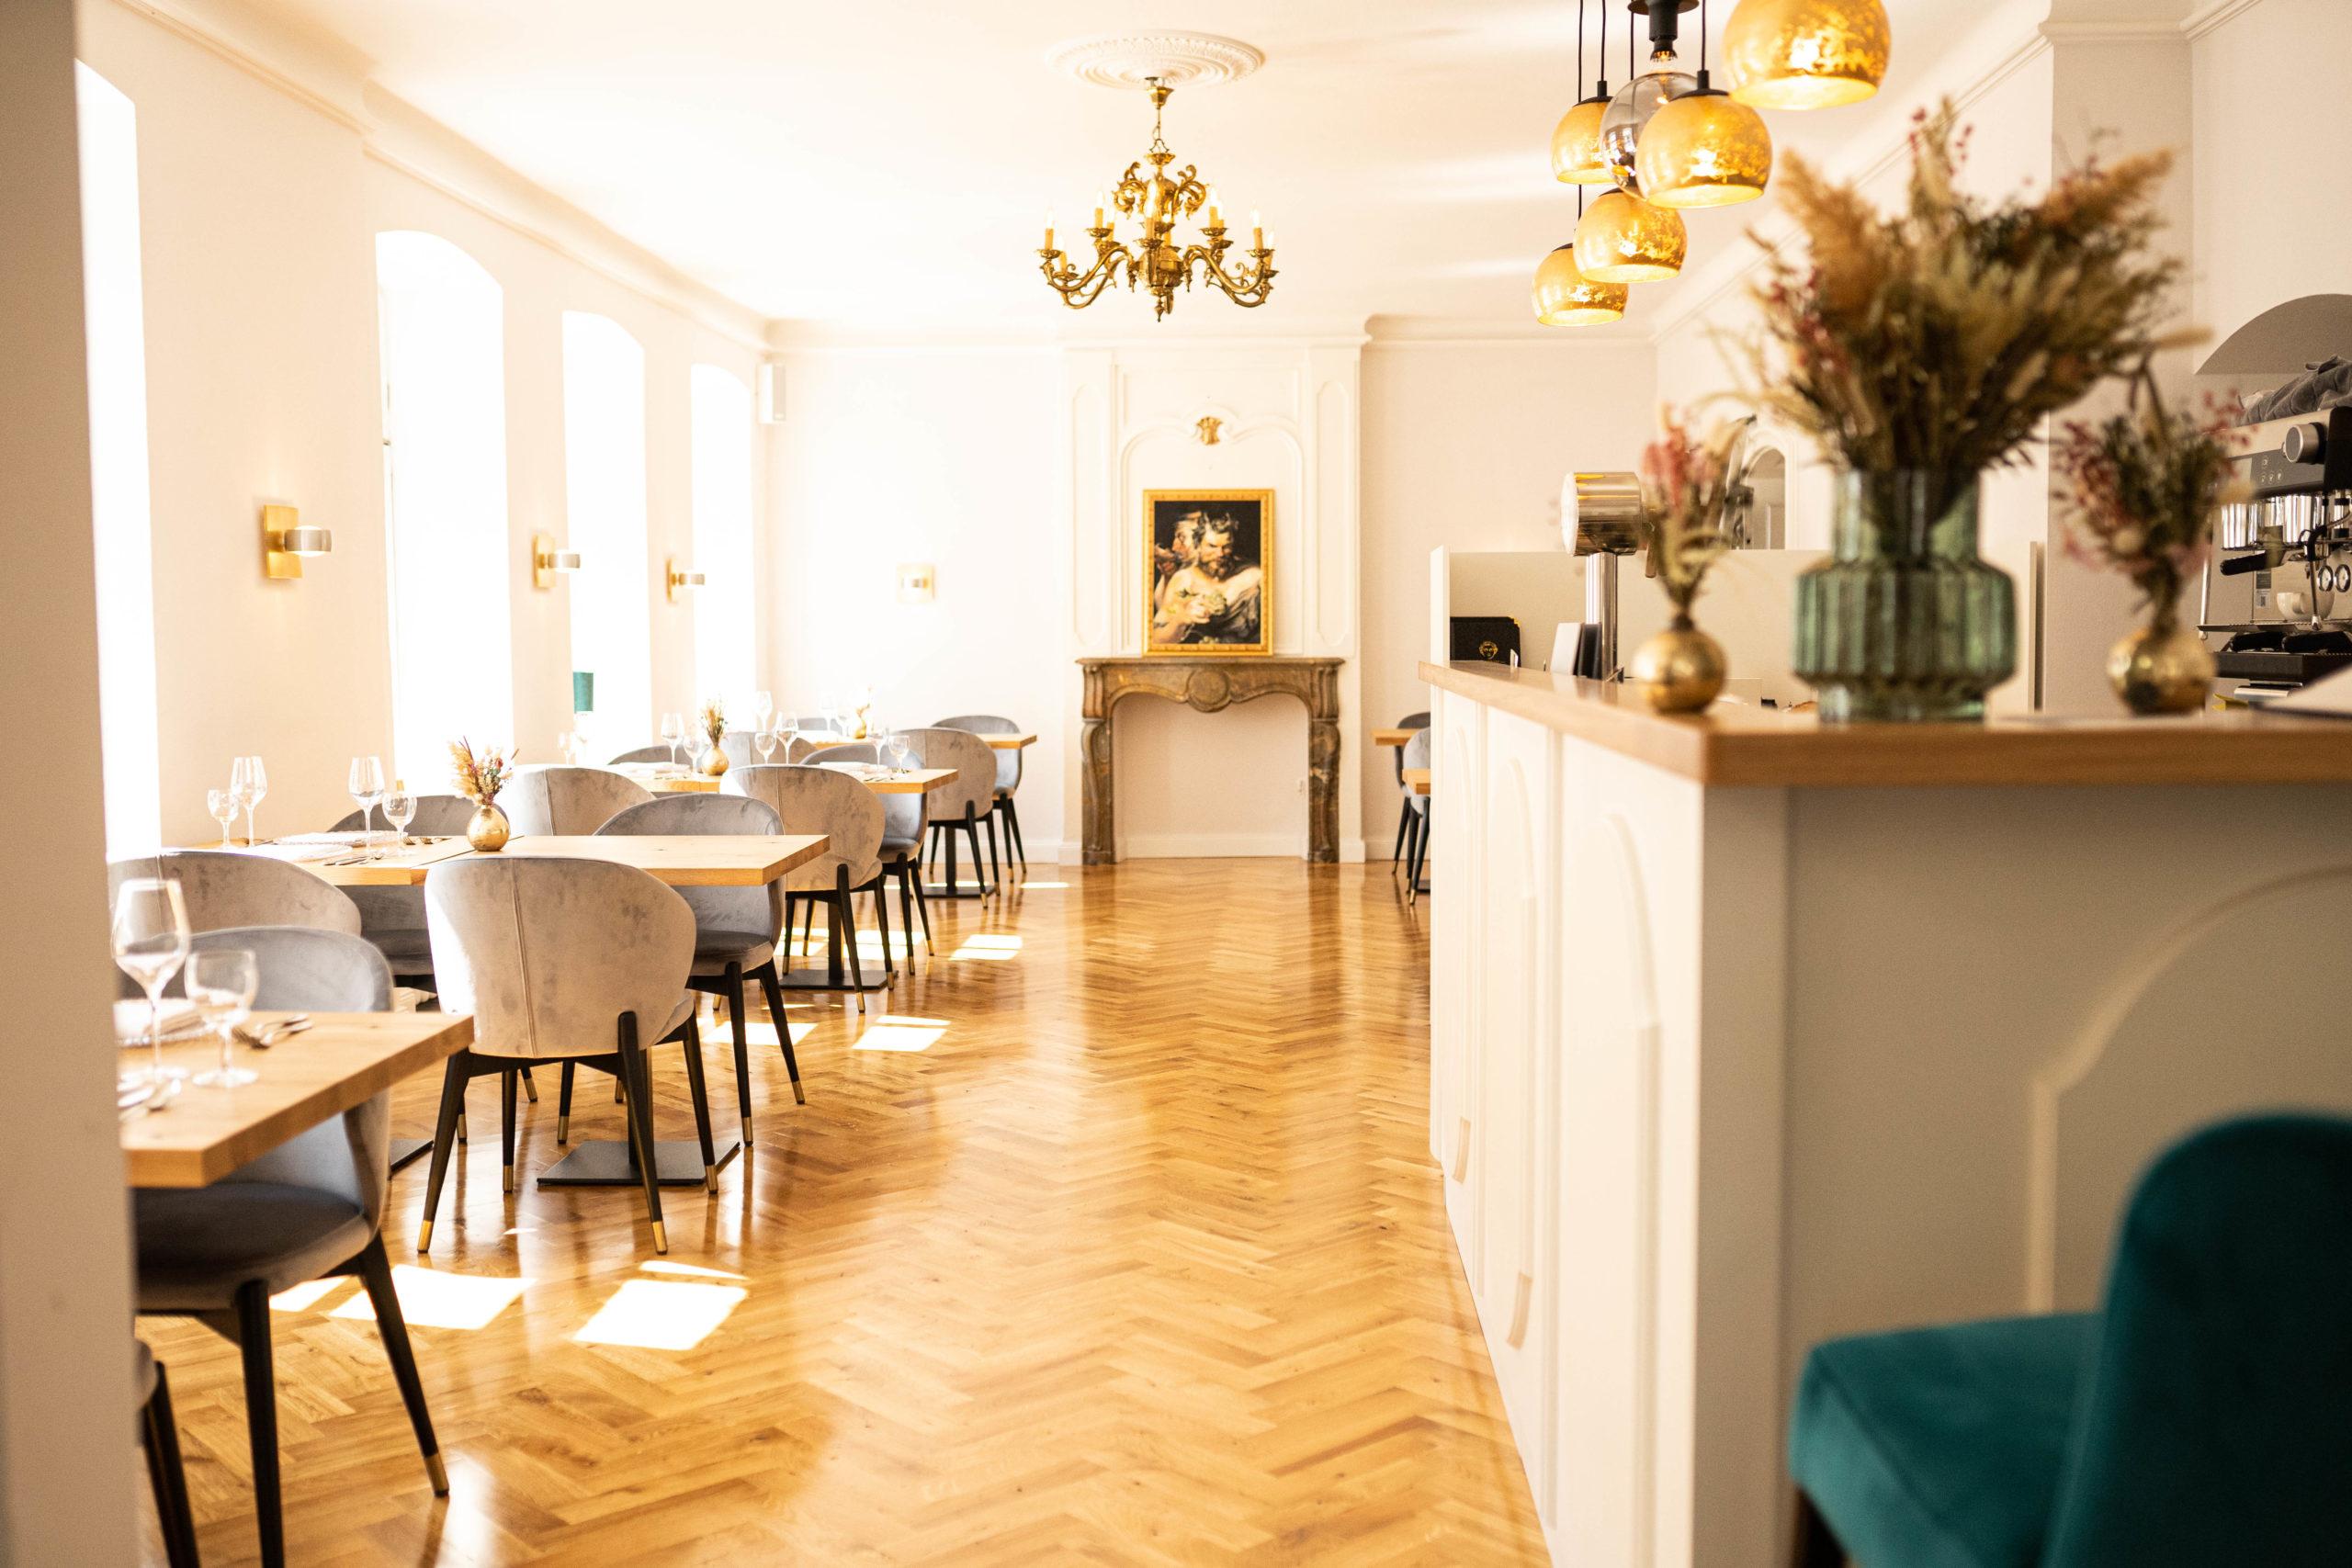 Restaurant_Handelshof_Saarbruecken